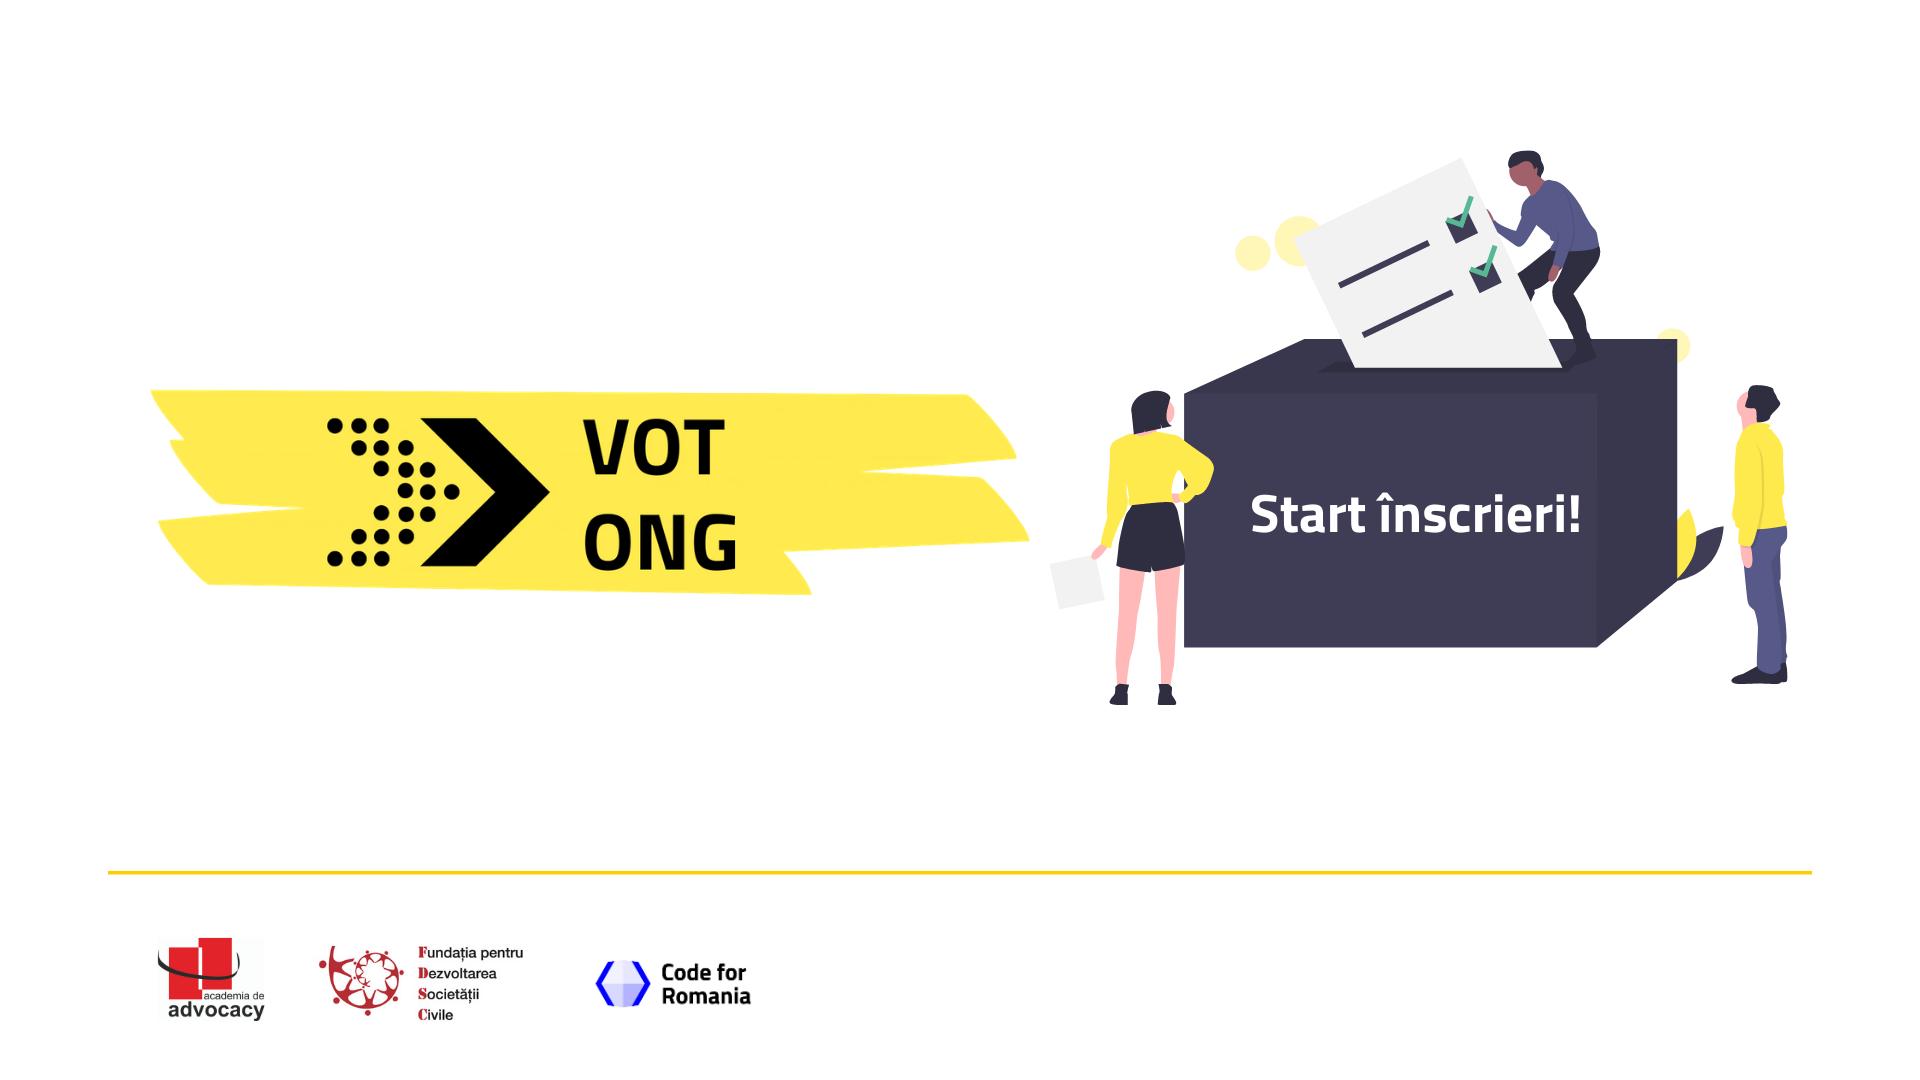 Toate ONG-urile din România sunt invitate să se înscrie pe VotONG.ro